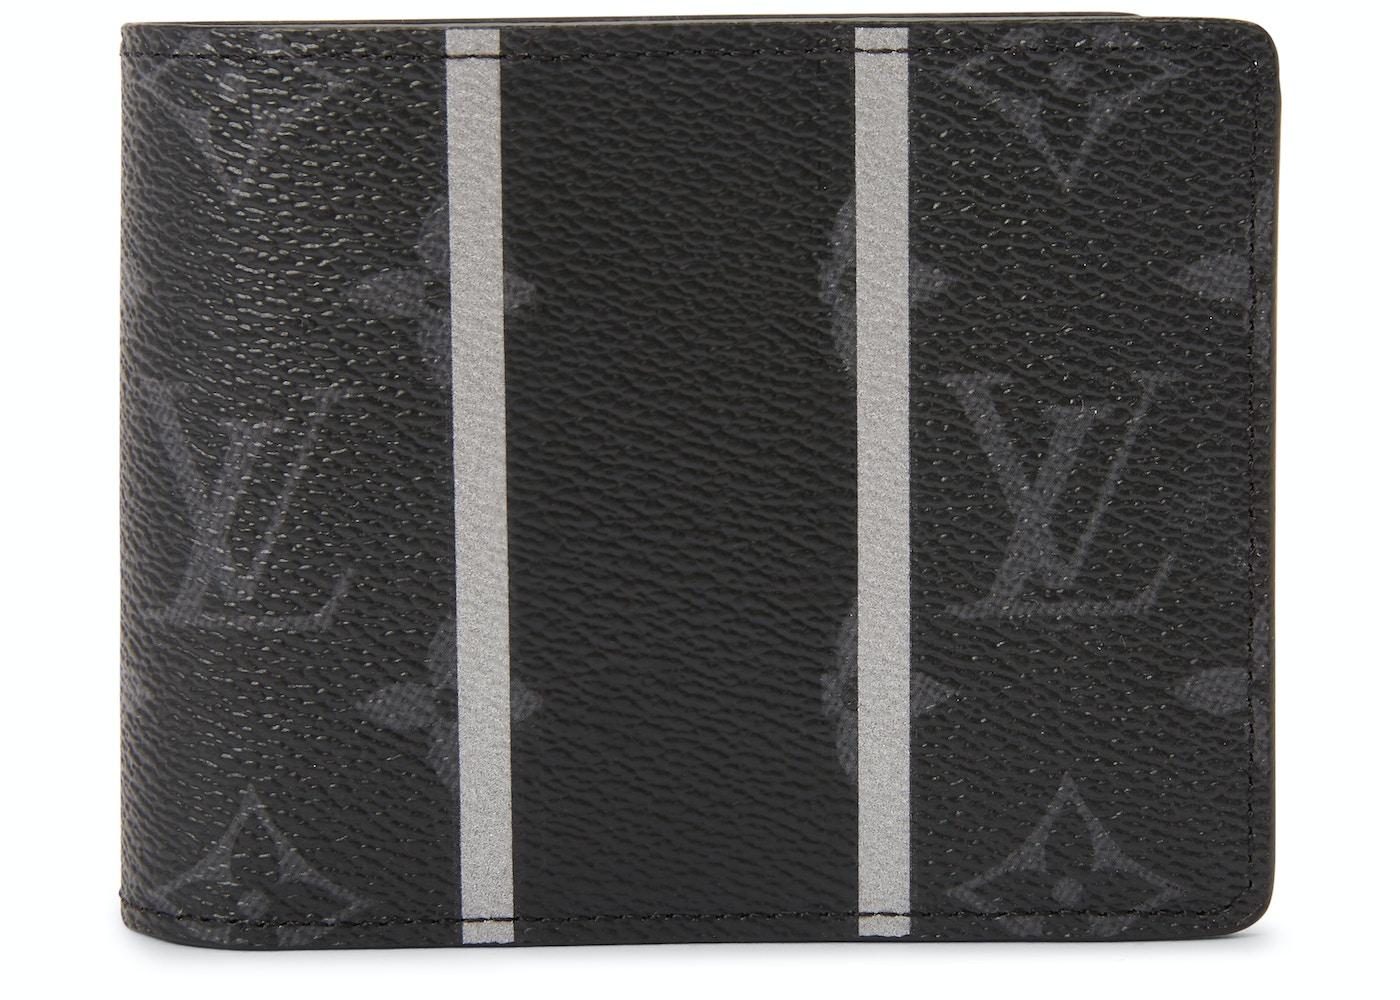 66ee3047b6d Louis Vuitton x fragment Multiple Wallet Monogram Eclipse Black